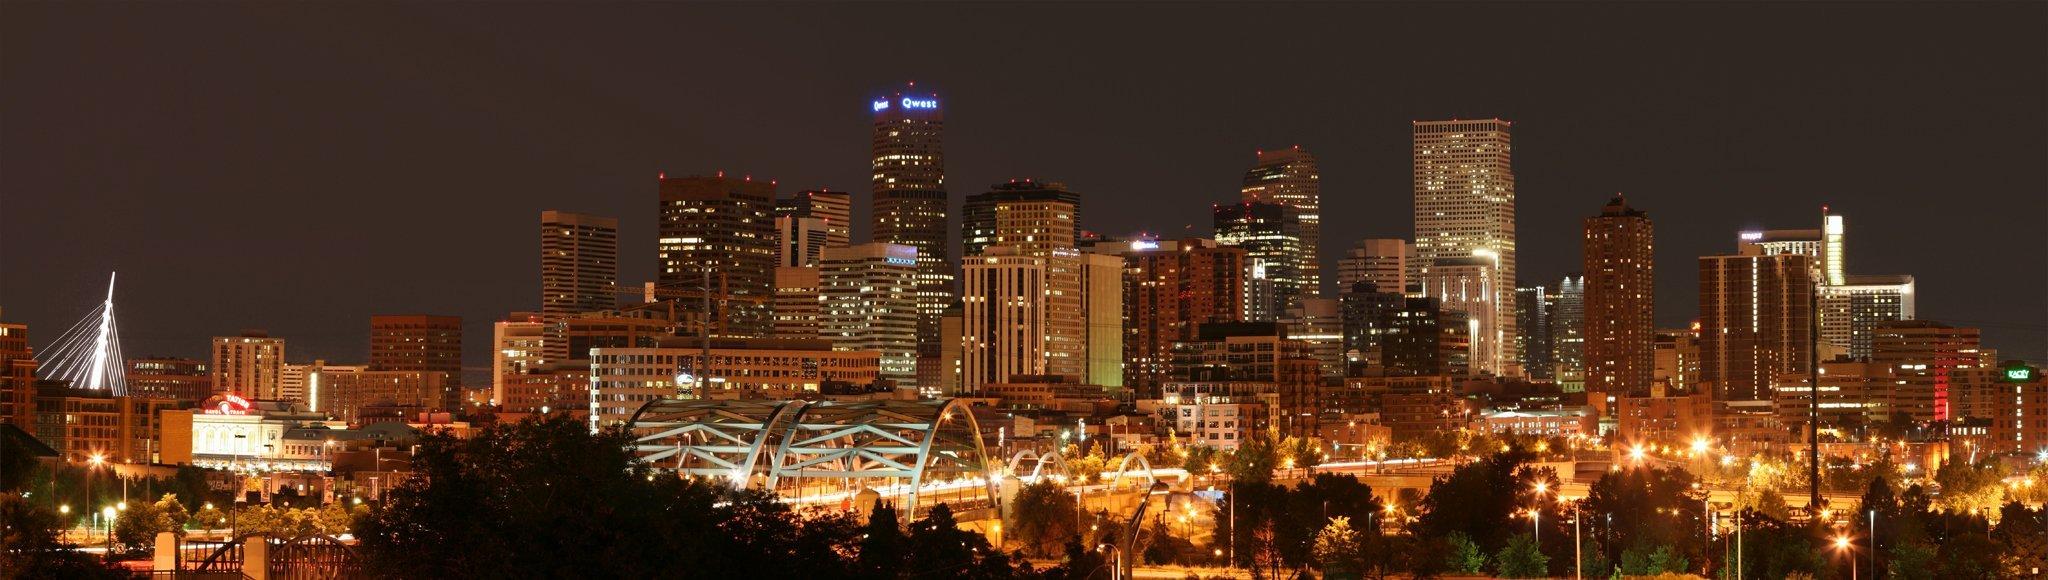 2006-07-14-Denver_Skyline_Midnight